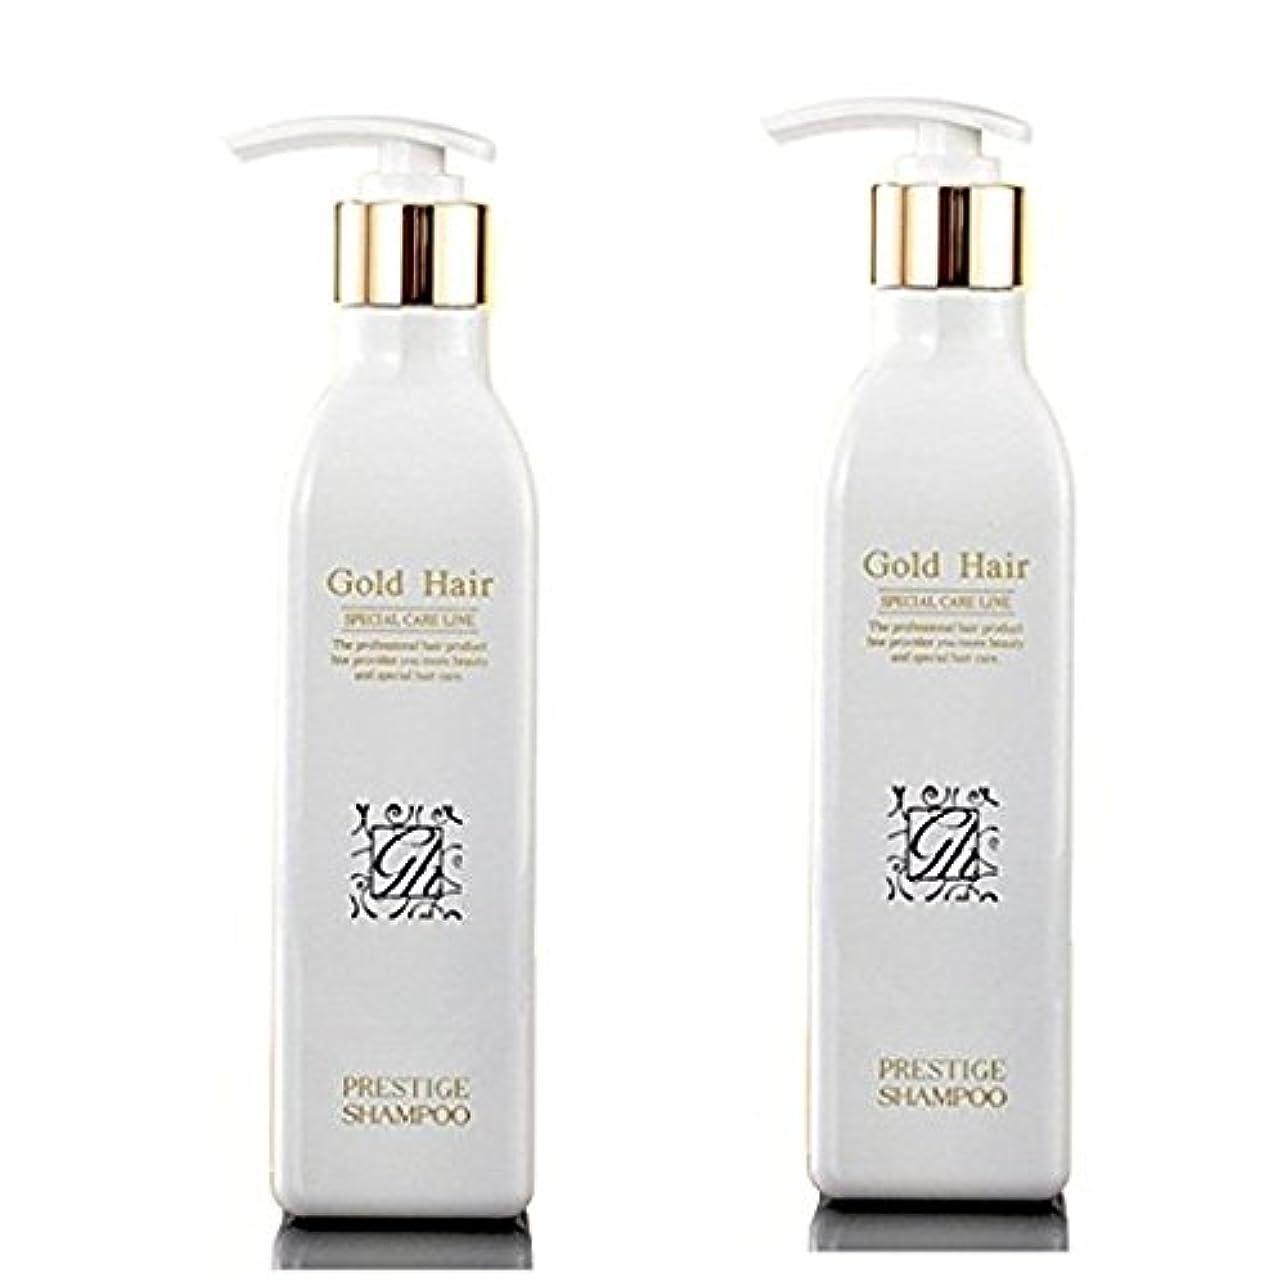 ことわざ飼料暴徒ゴールドヘア 育毛ケア シャンプー 漢方 シャンプー 抜け毛ケア ヘアケアシャンプー2本/Herbal Hair Loss Fast Regrowth Gold Hair Loss Shampoo[海外直送品] (2本セット...